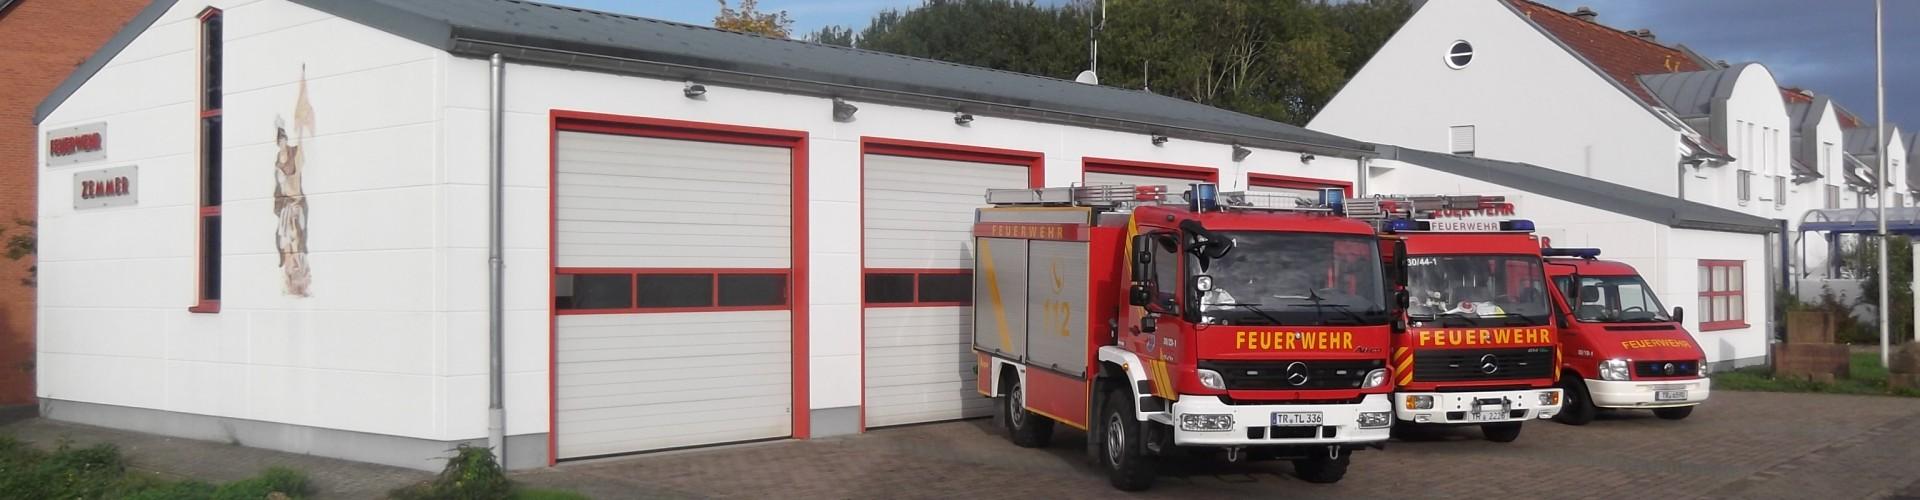 Freiwillige Feuerwehr Zemmer